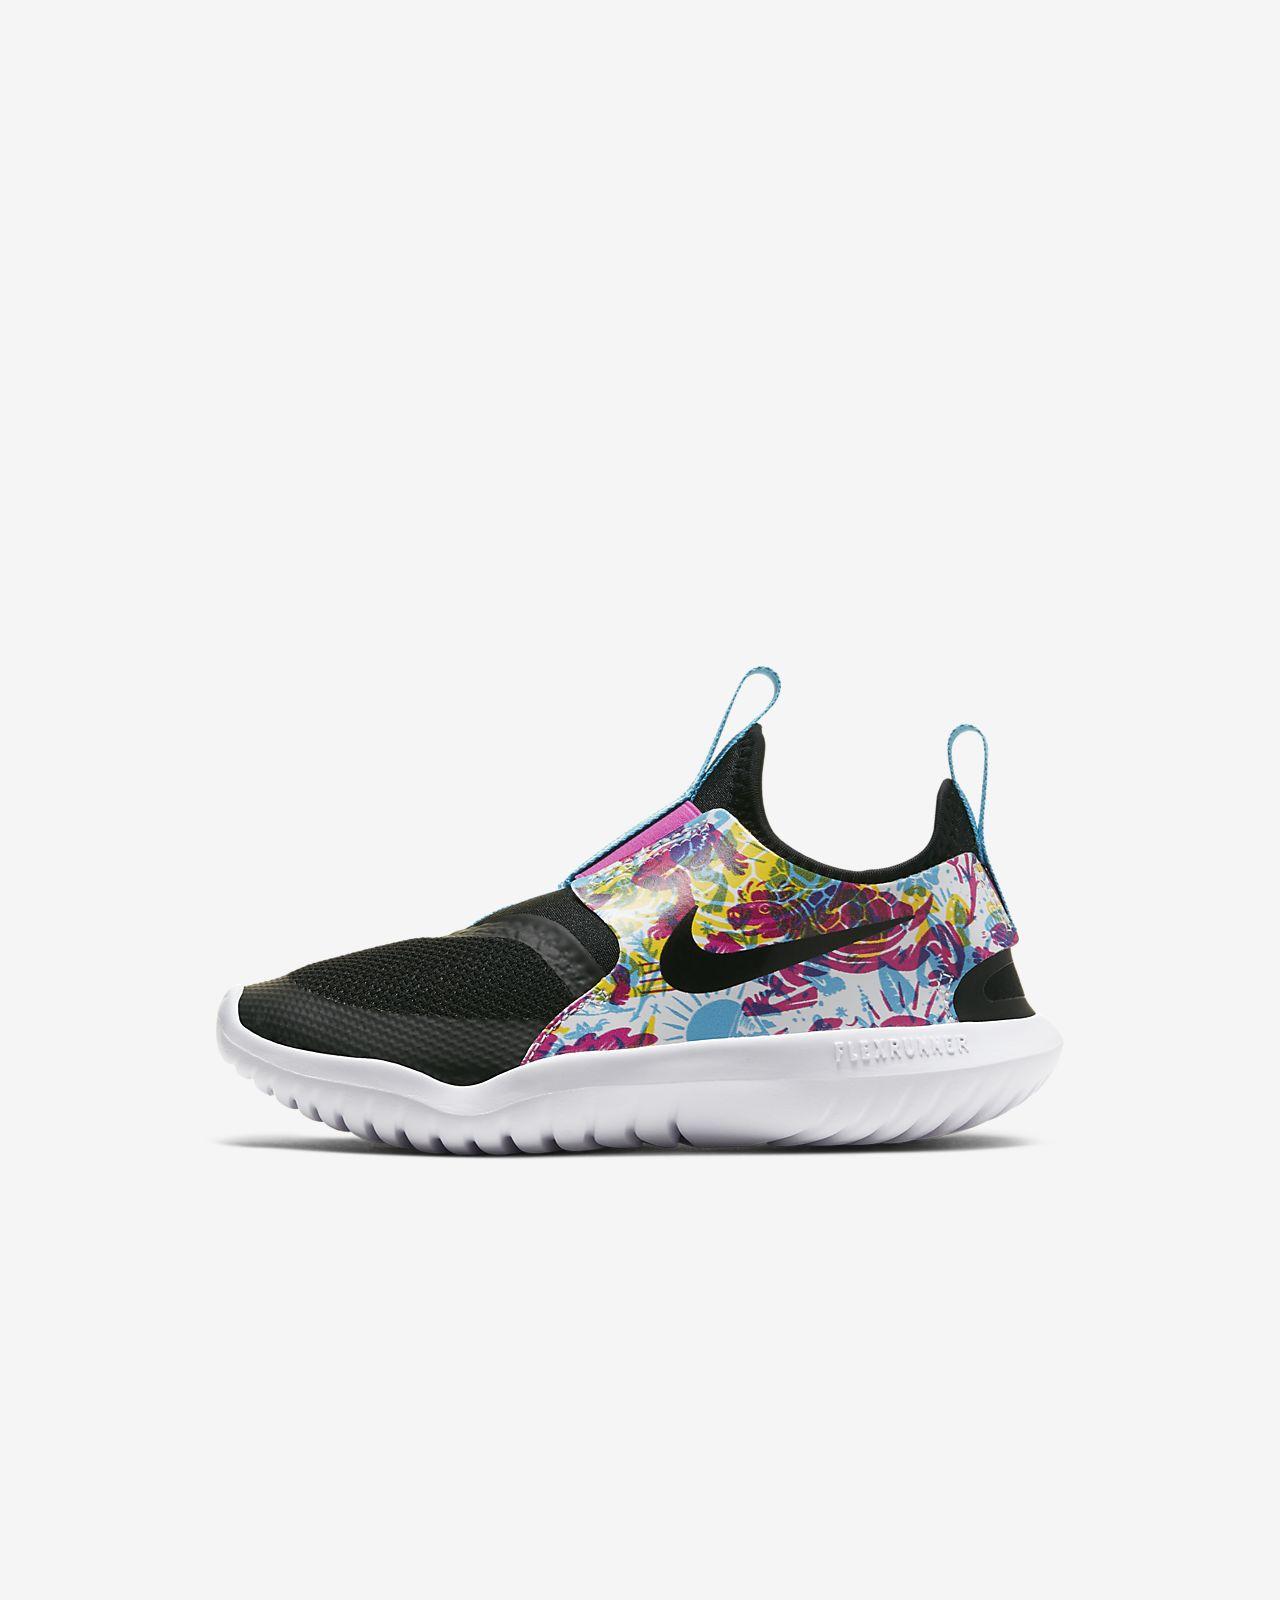 Calzado para niños talla pequeña Nike Flex Runner Fable